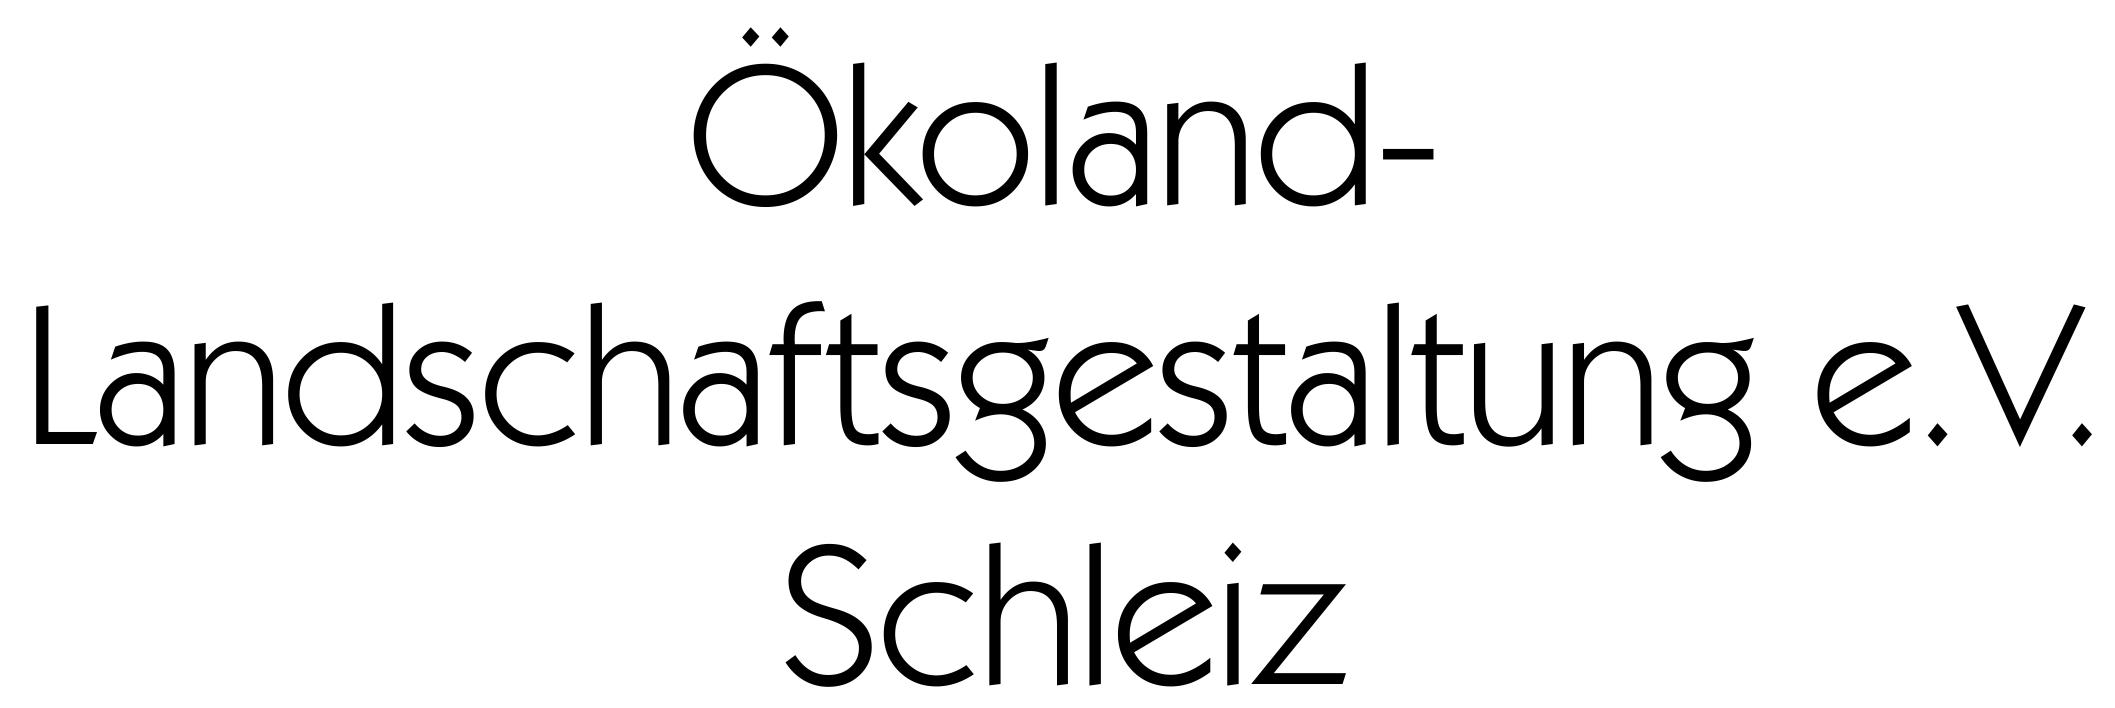 """Link zum Firmeneintrag von Ökoland Landschaftsgestaltung e.V. Schleiz auf """"firmeneintrag.de"""""""